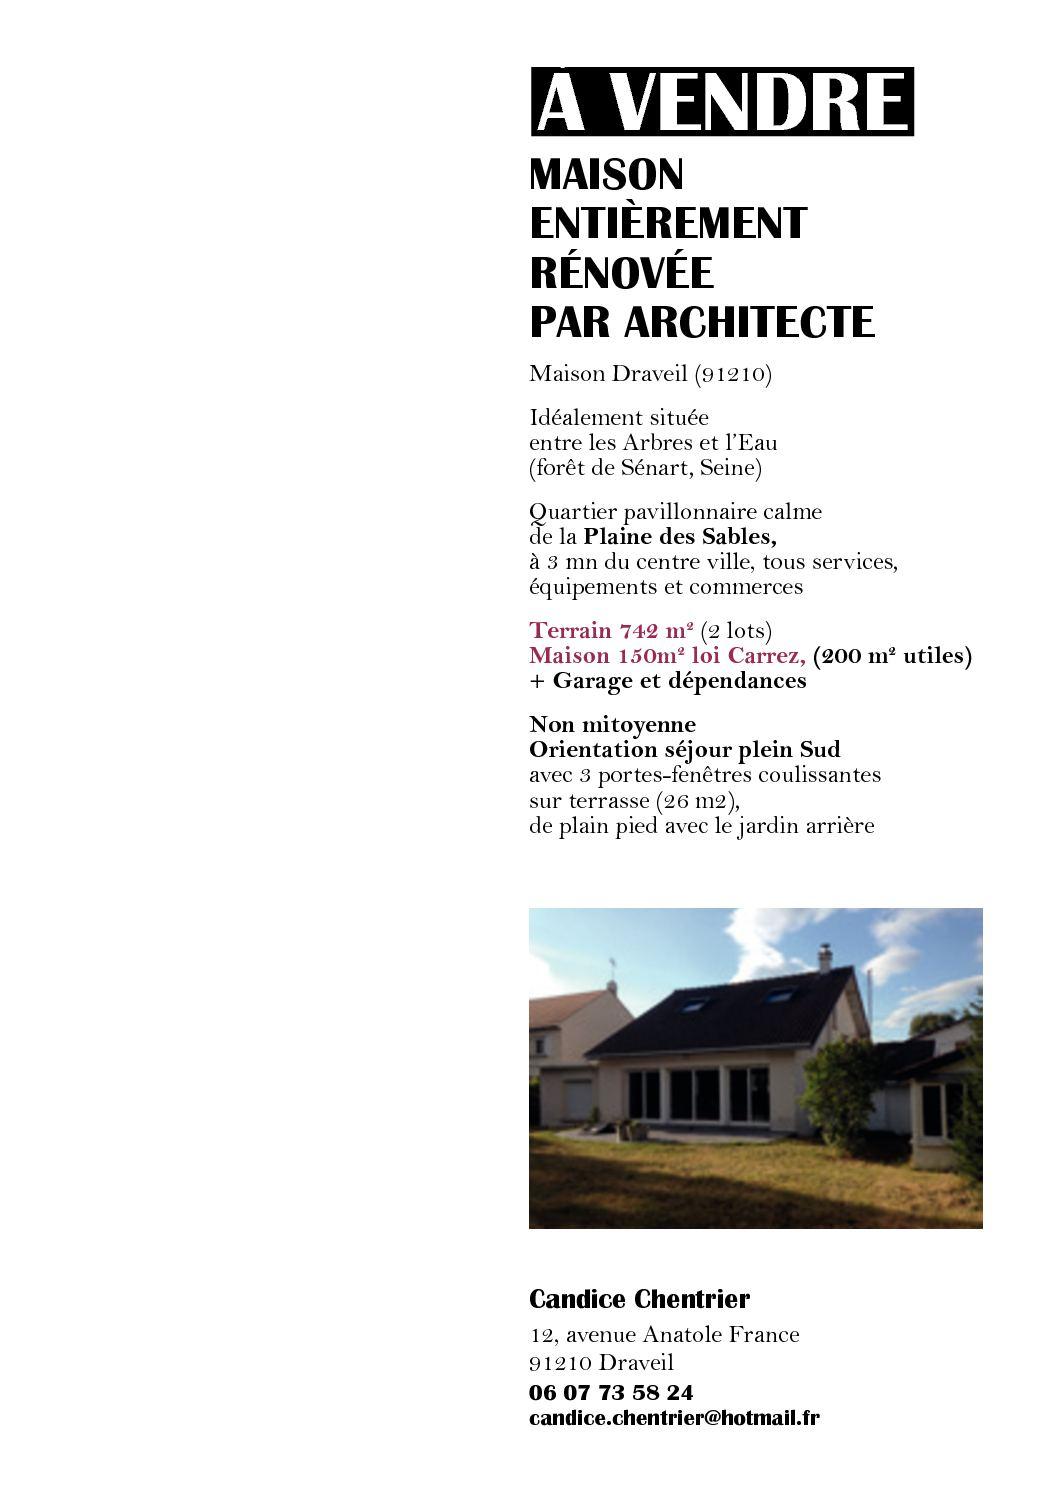 Calaméo - A Vendre Maison Draveil Entièrement Rénovée Par ... serapportantà Maison A Vendre Draveil Paris Jardin